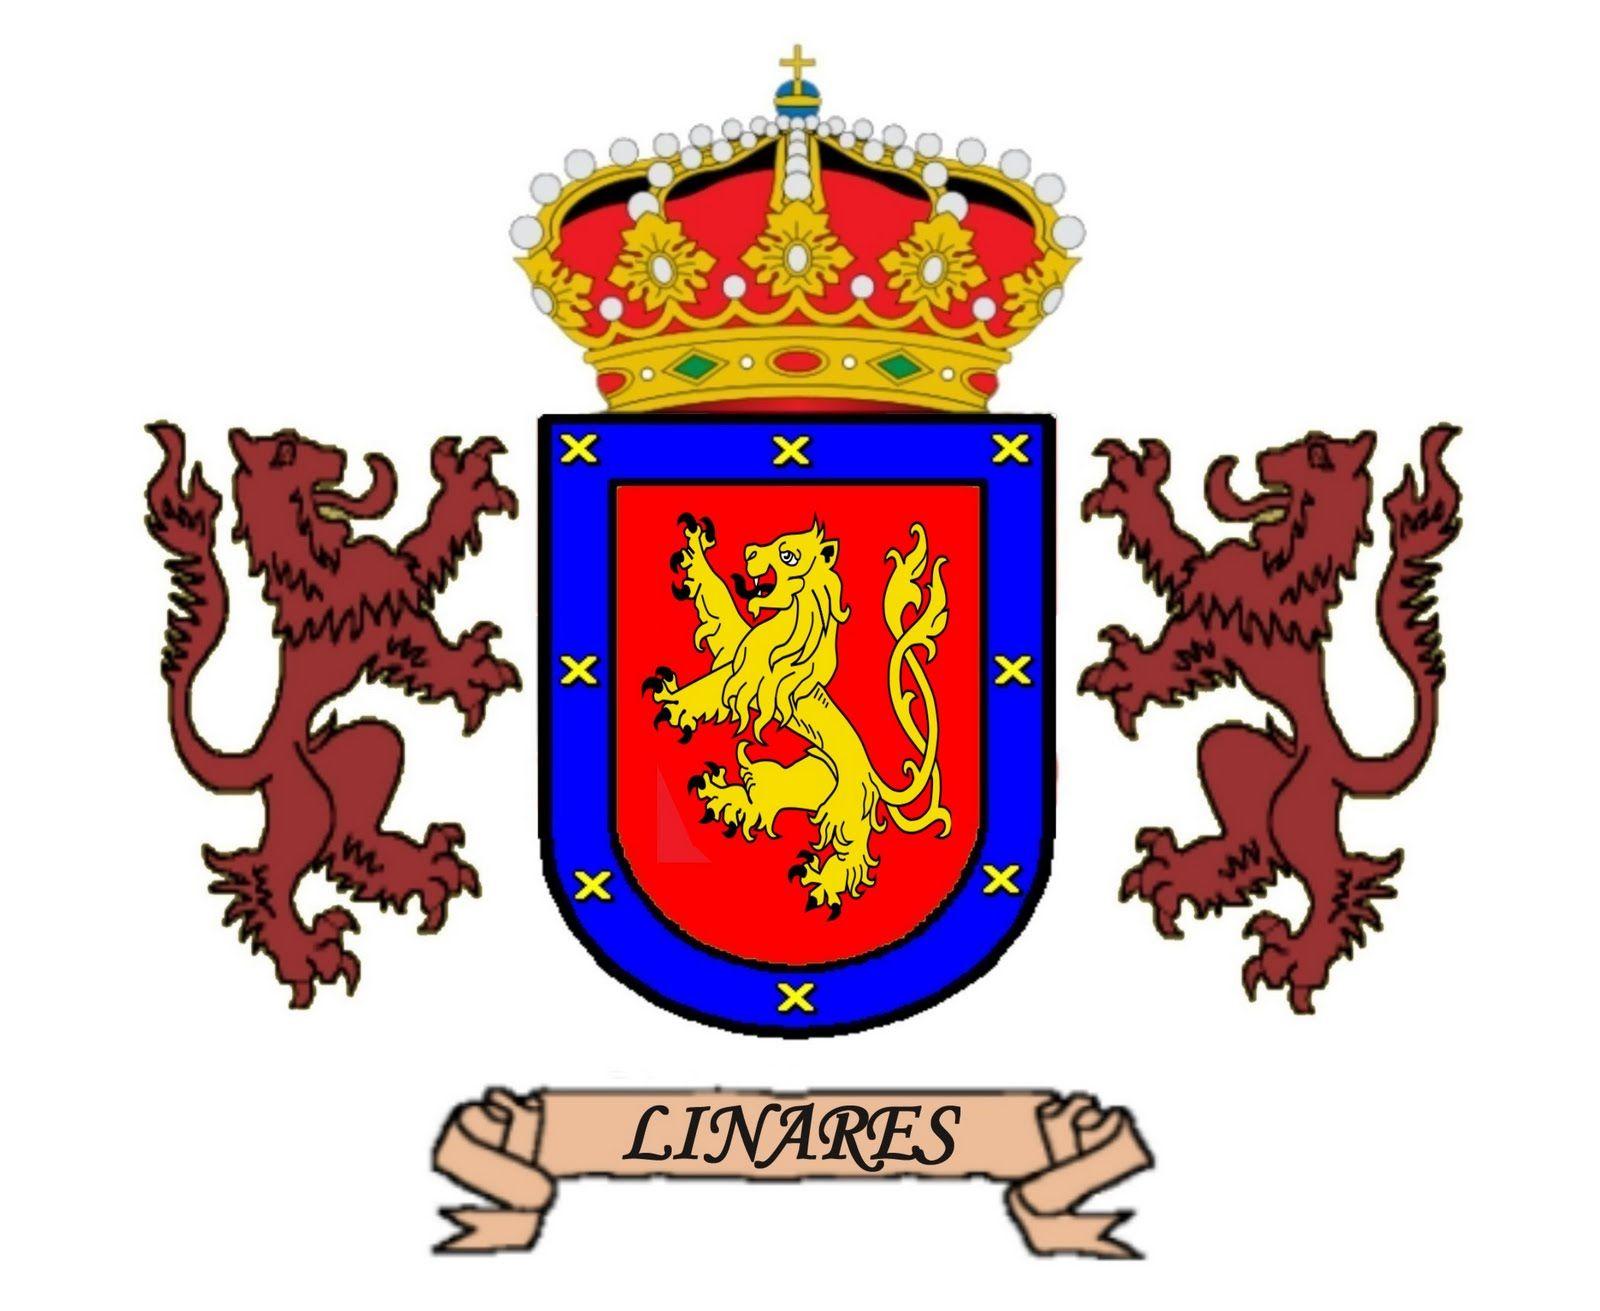 Significado Del Apellido Linares Buscar Con Google Escudo De Armas Apellidos Escudo De La Familia Escudo De Armas